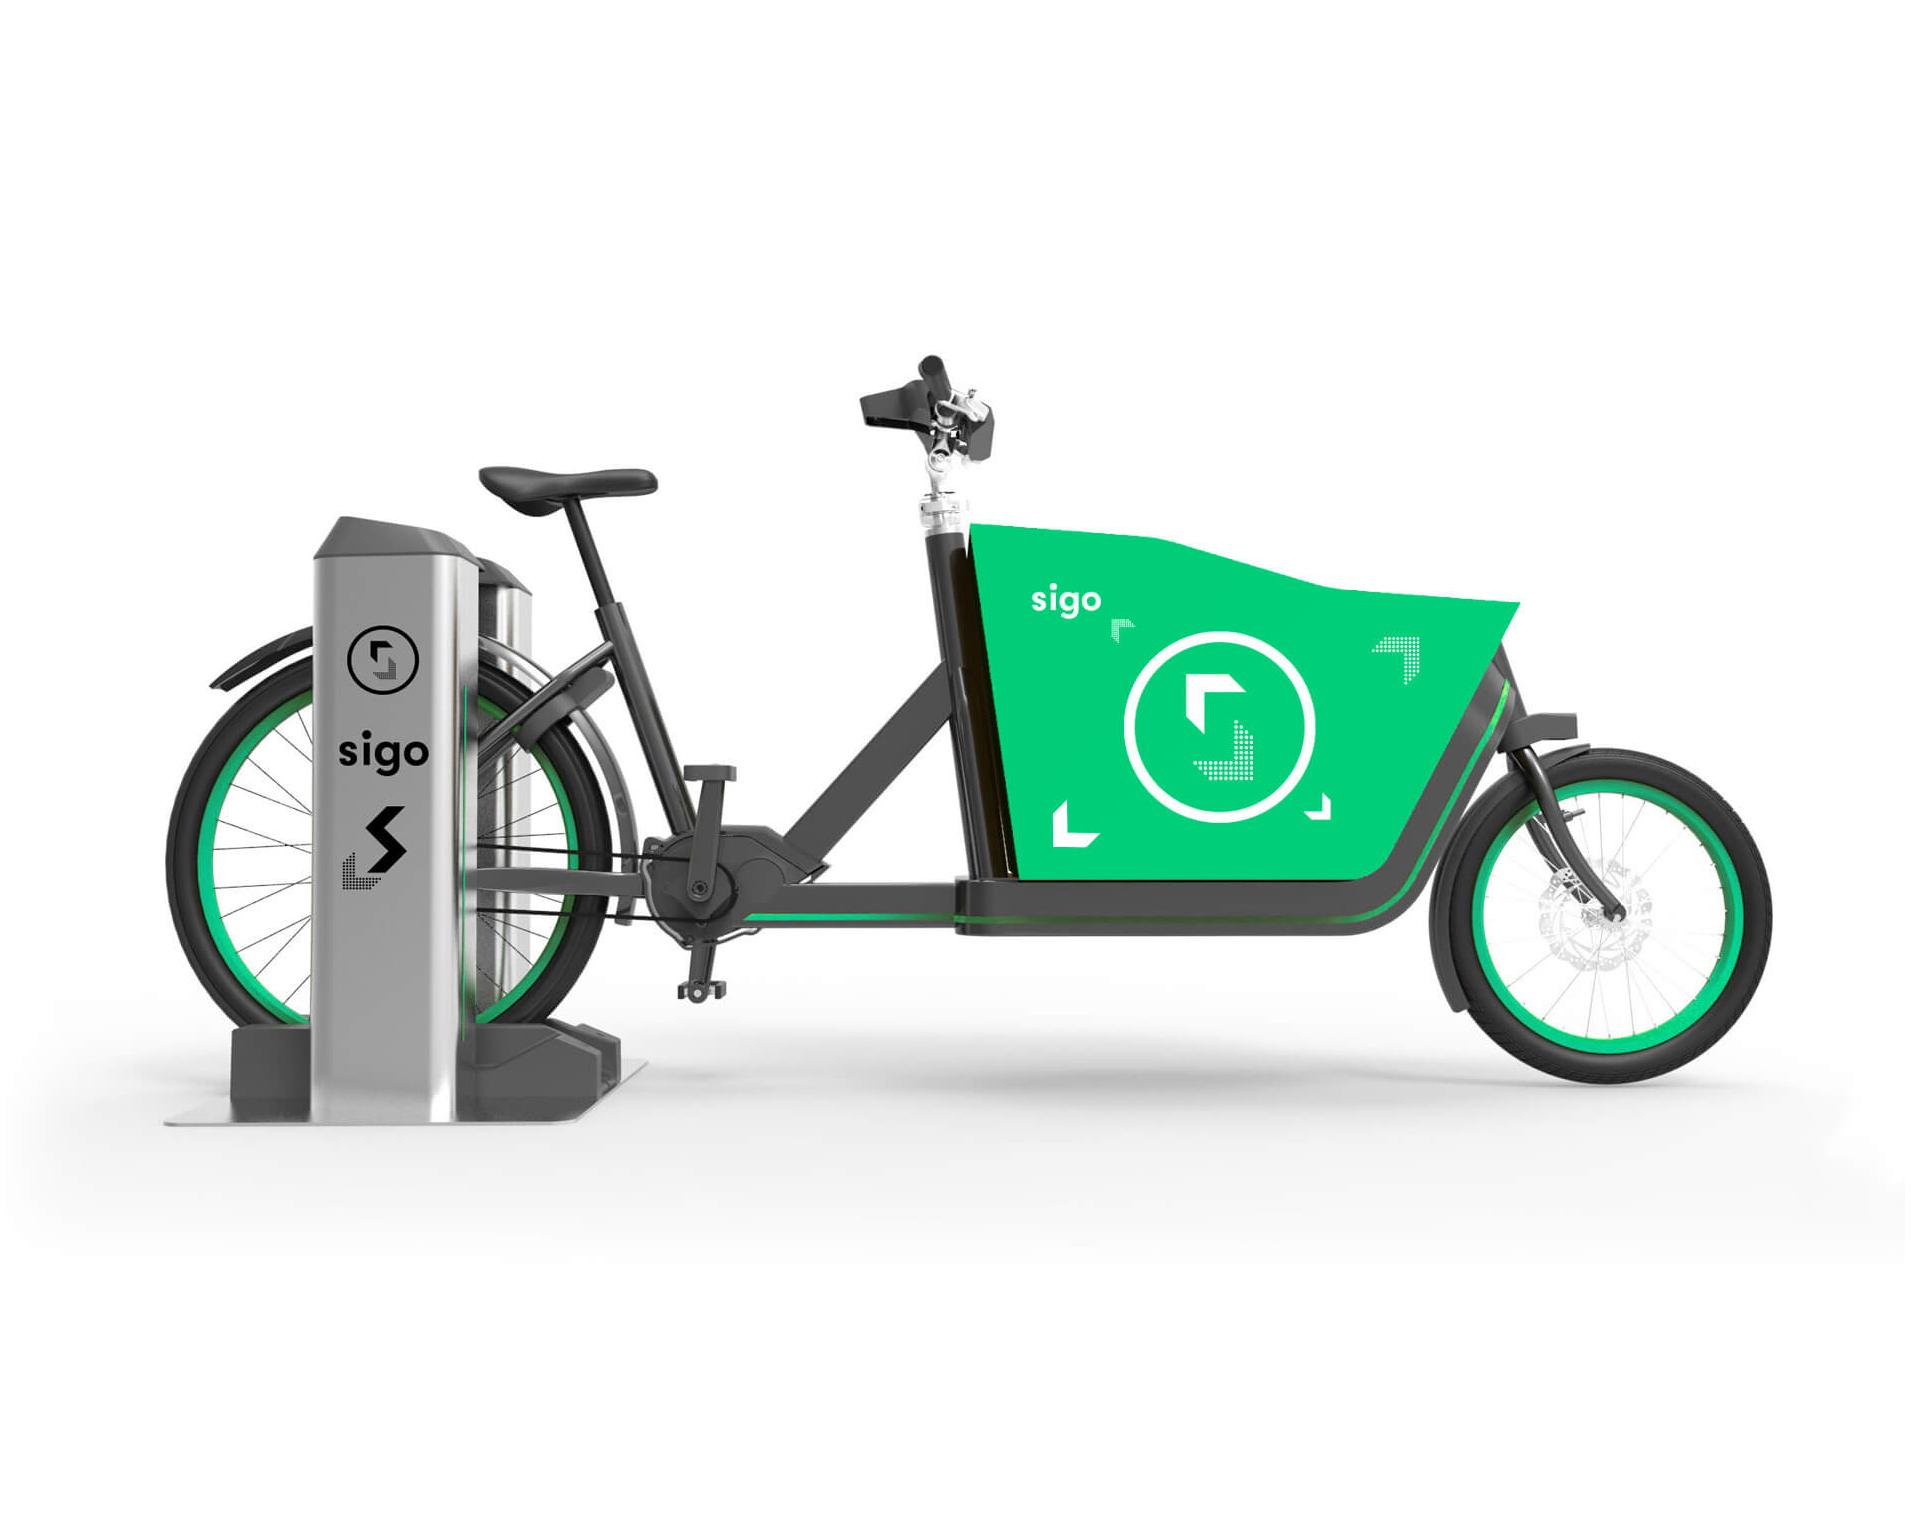 Sigo elektromobilität Startup für Lastenräder Corporate Design und Logodesign ist vom Büro Fundament aus Düsseldorf umgesetzt